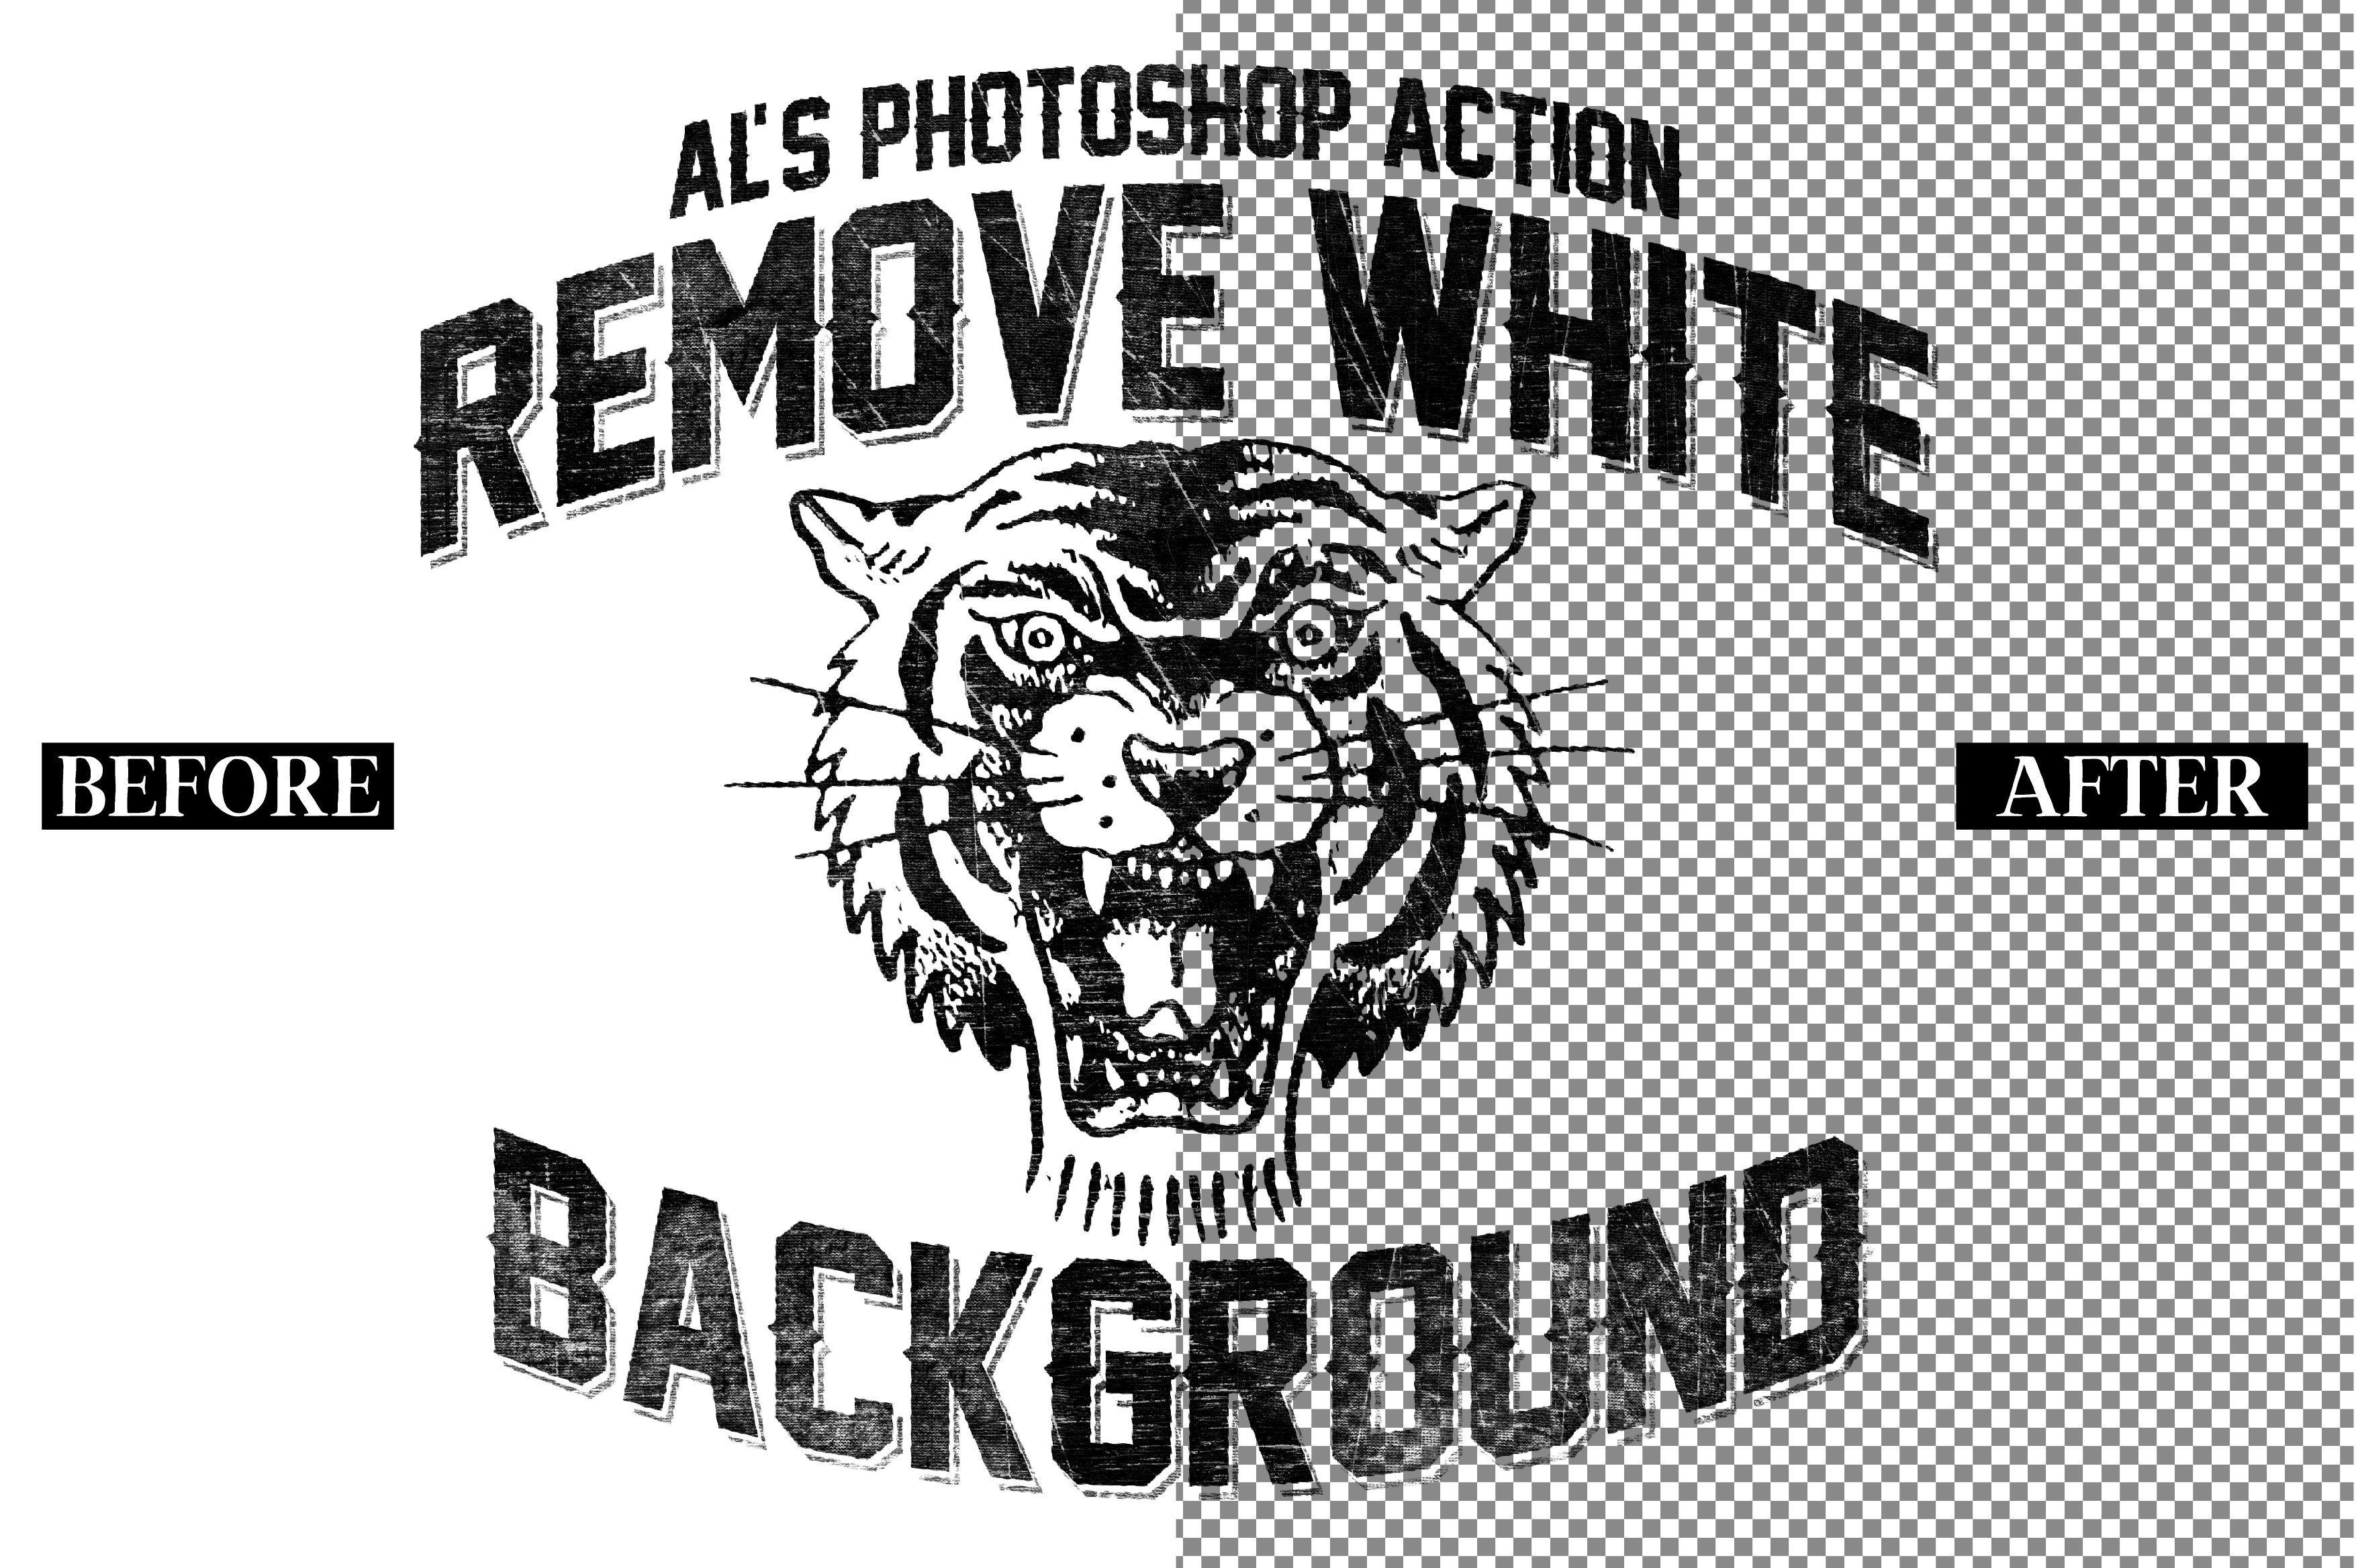 AL's Action Bundle Vol. 1 Remove white